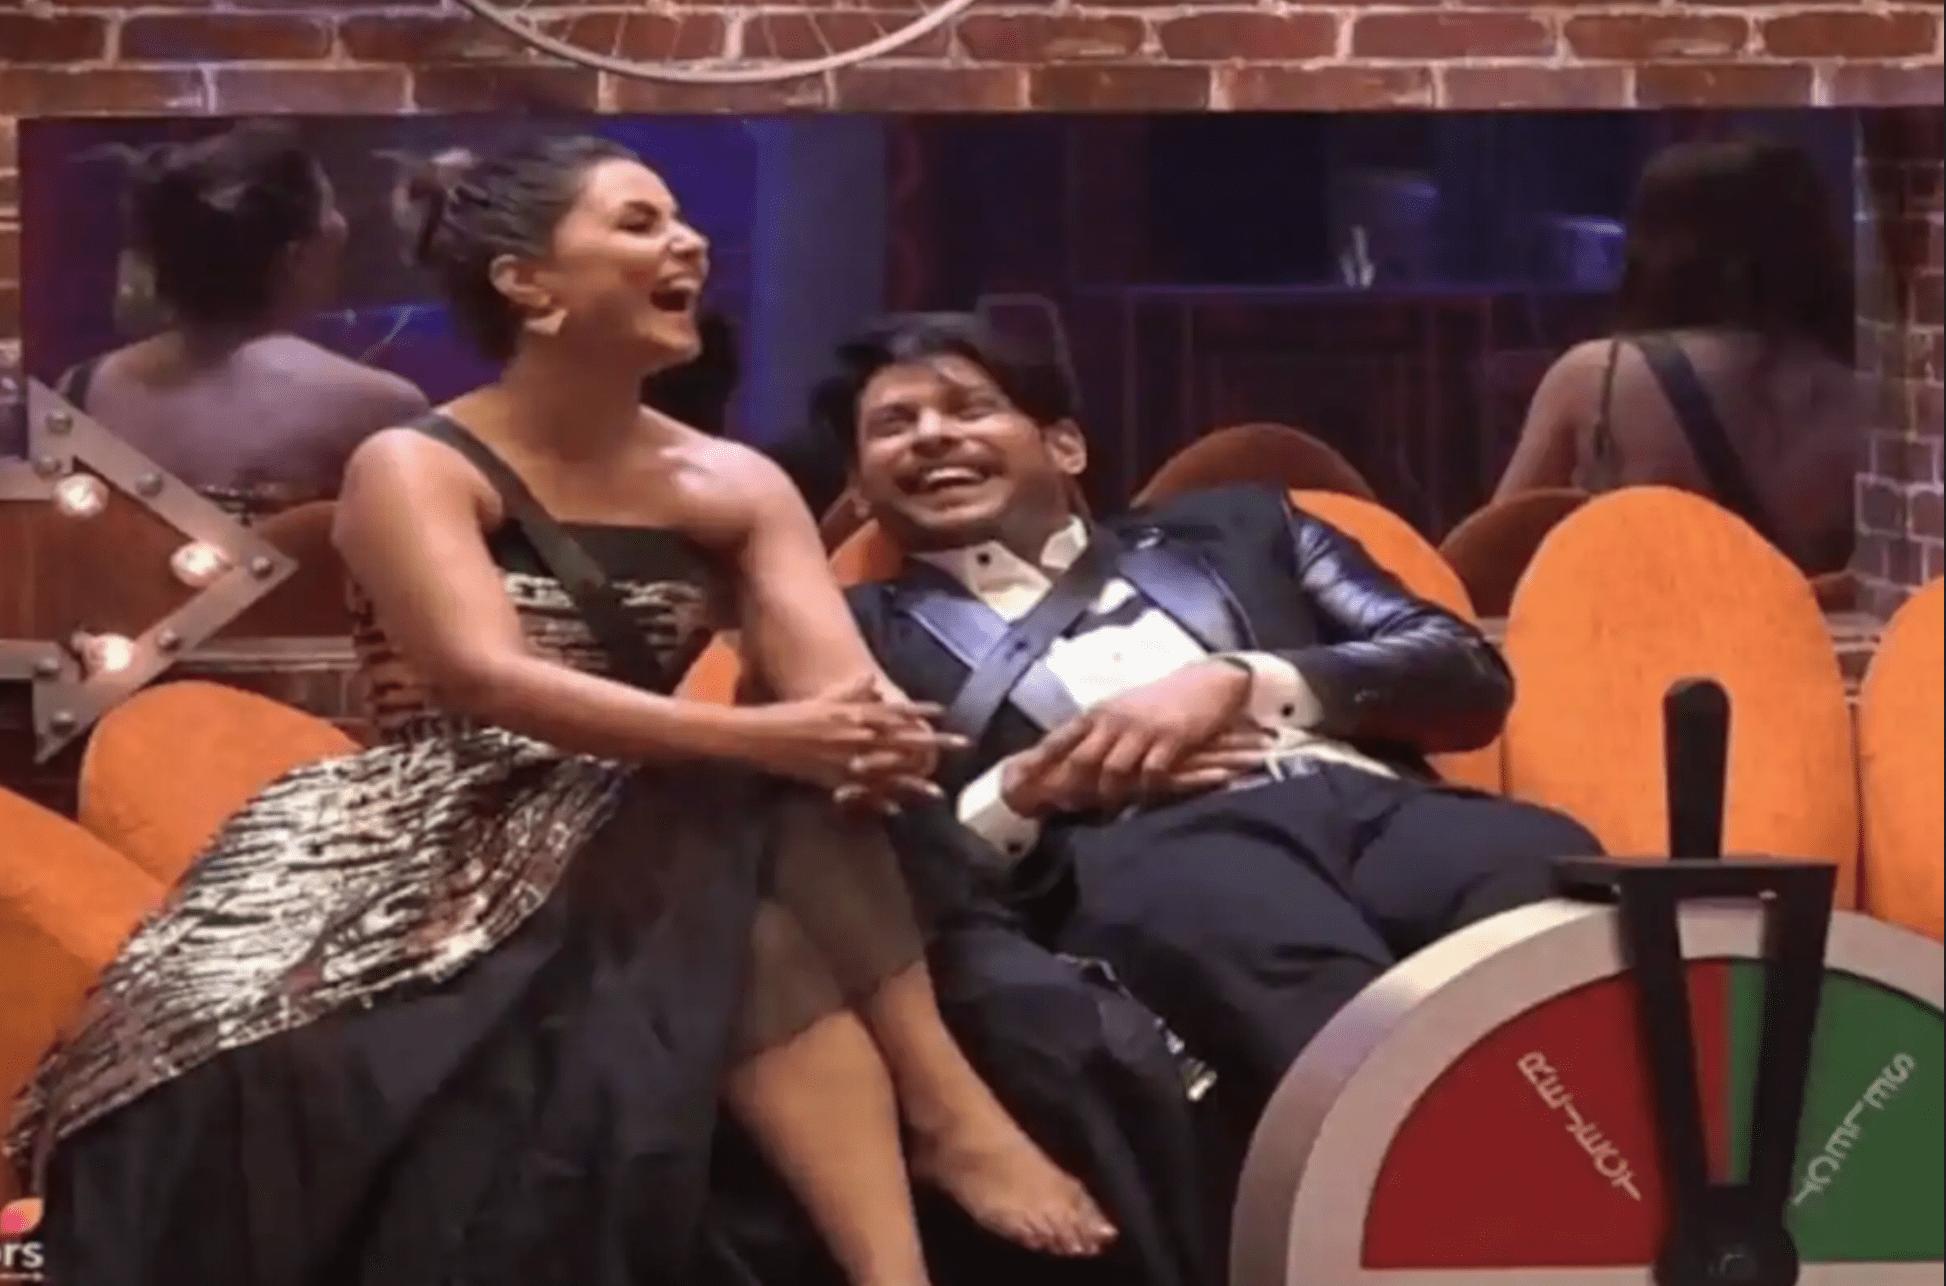 Hina khan and Sidharth shukla bigg boss 14